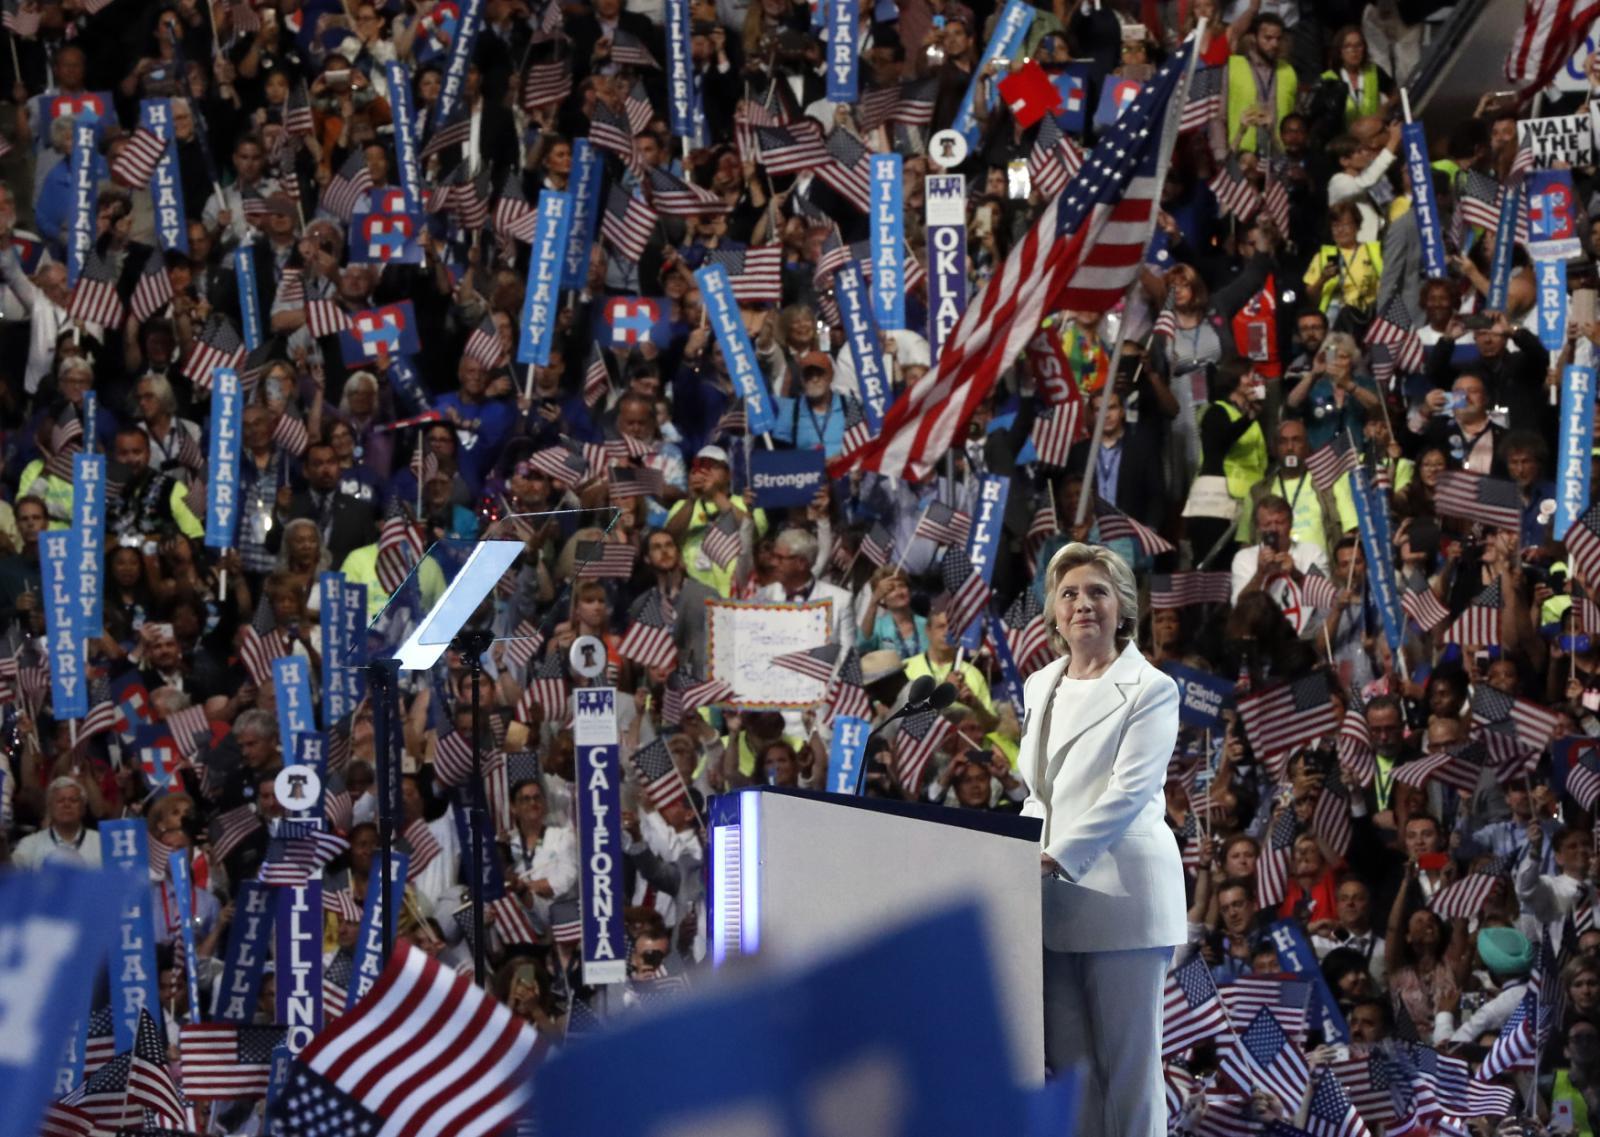 Hillary Clintonová během své nominační řeči